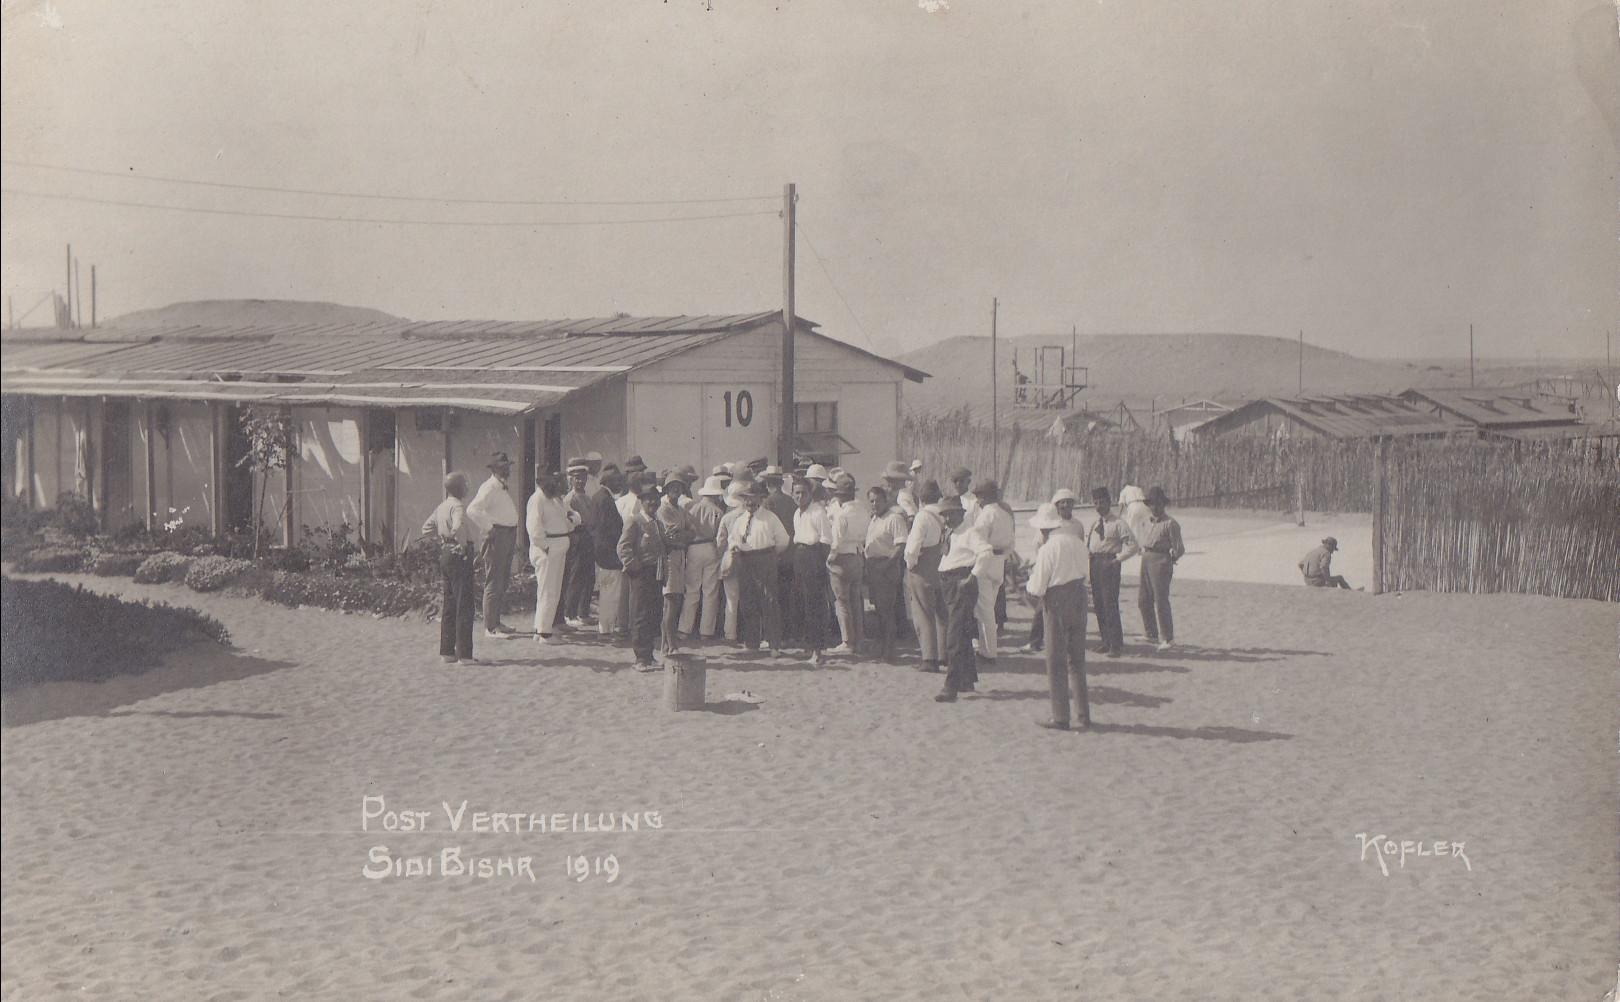 Post-Verteilung Sidi Bishr 1919 - Kofler